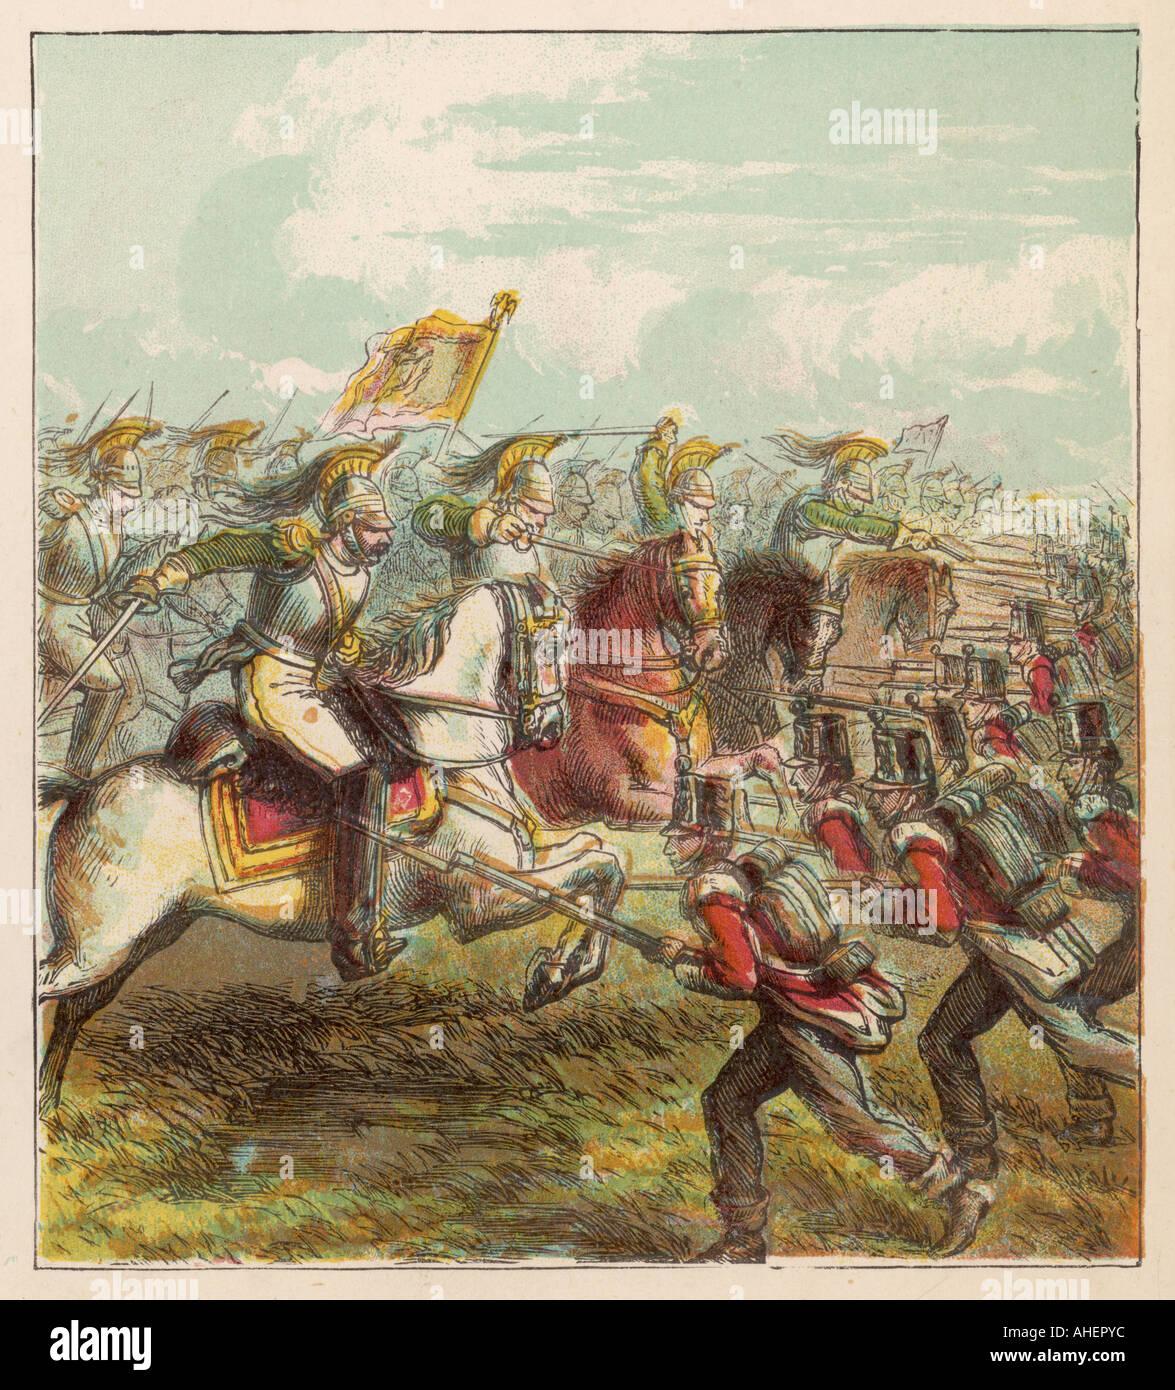 Battle Of Waterloo - Stock Image